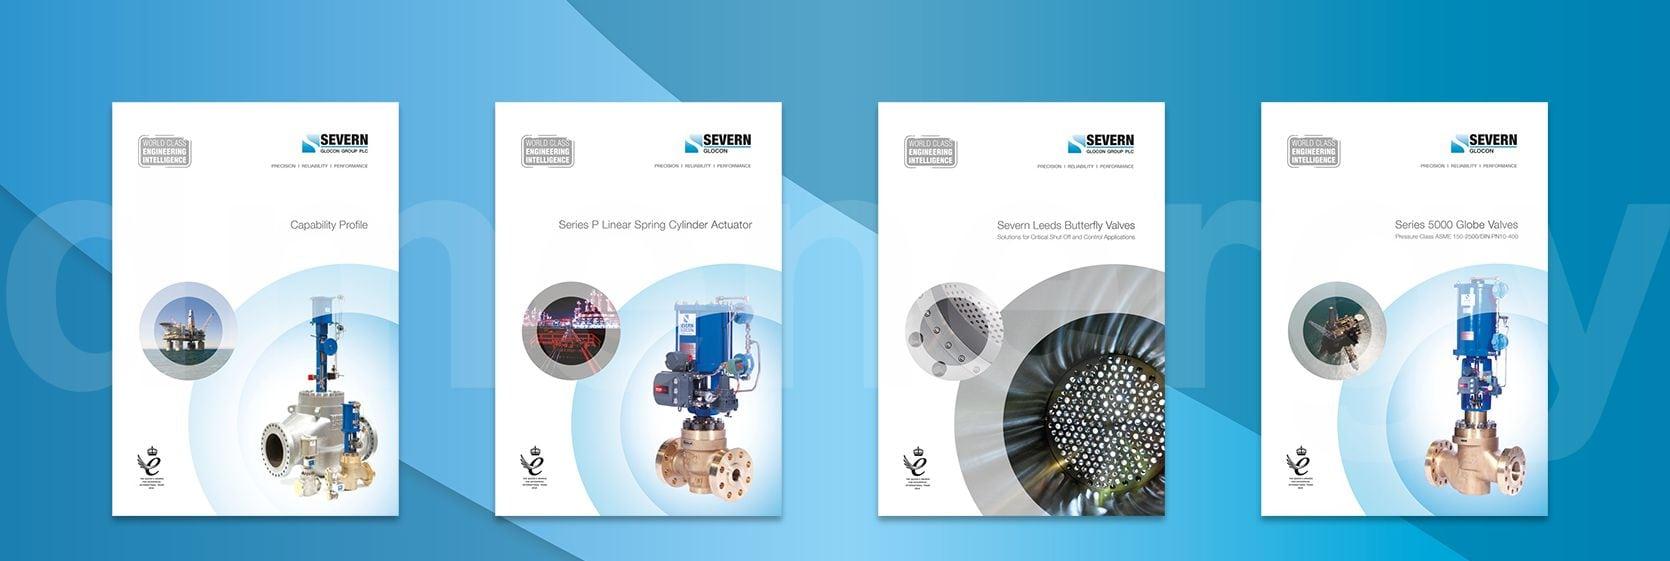 Заказать сервис и поставку регулирующих клапанов в России и СНГ от официального производителя.